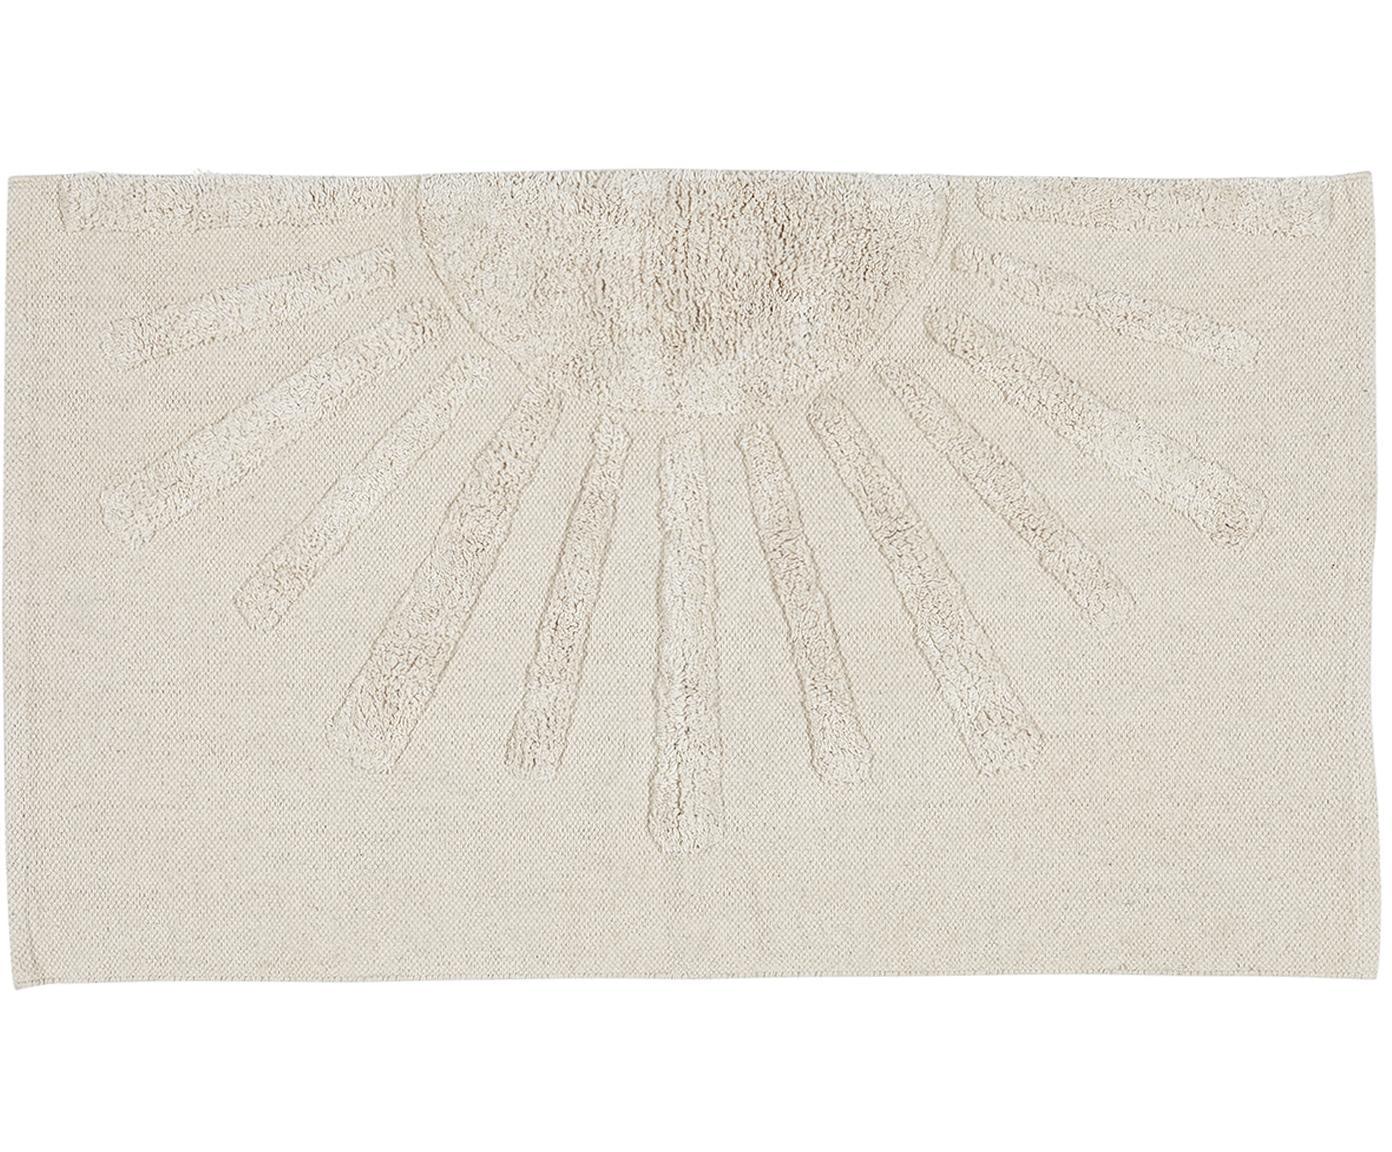 Dywanik łazienkowy z bawełny organicznej Sun, Bawełna Produkt posiada spód antypoślizgowy, Szary kamienny, S 60 x D 90 cm